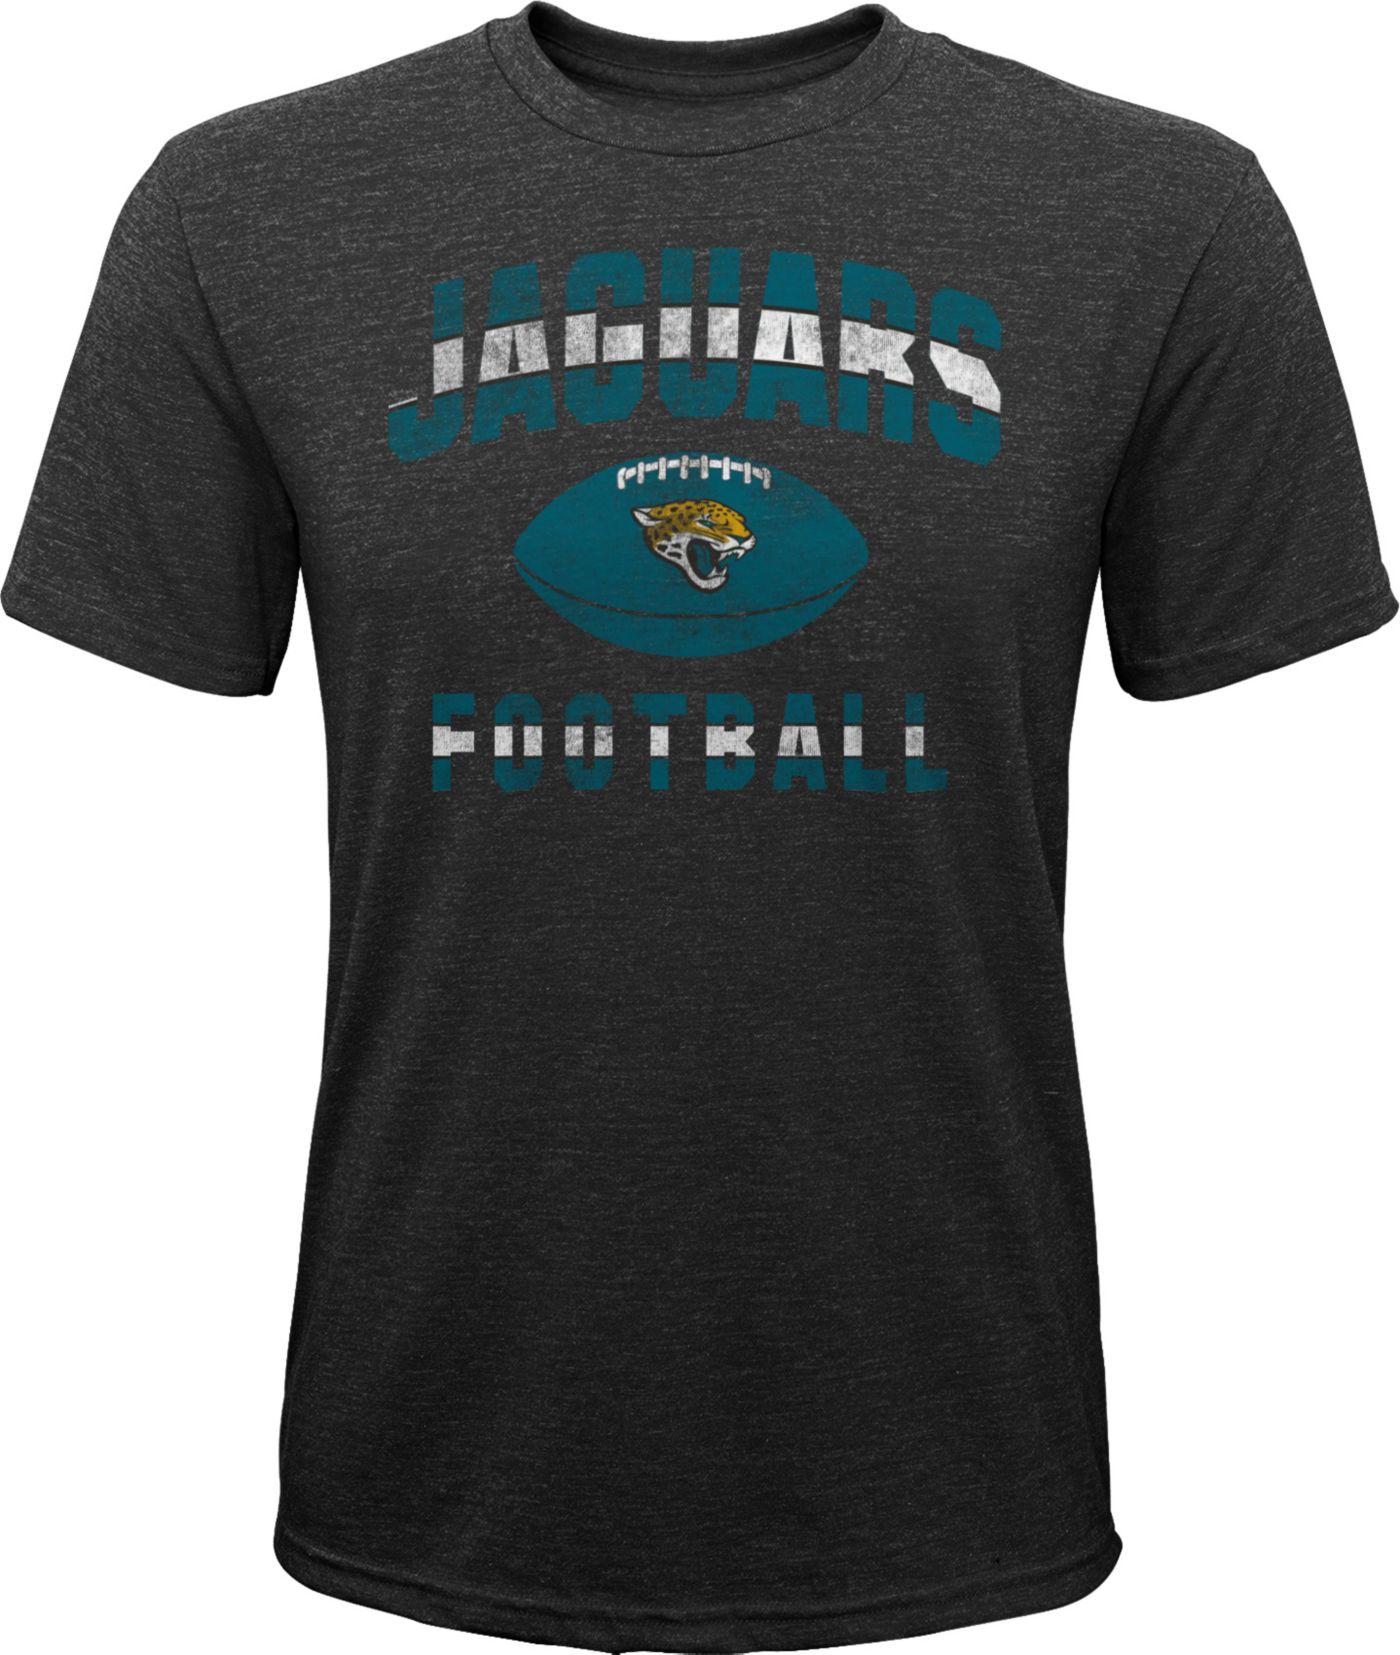 NFL Team Apparel Youth Jacksonville Jaguars Big Game Tri-Blend Black T-Shirt